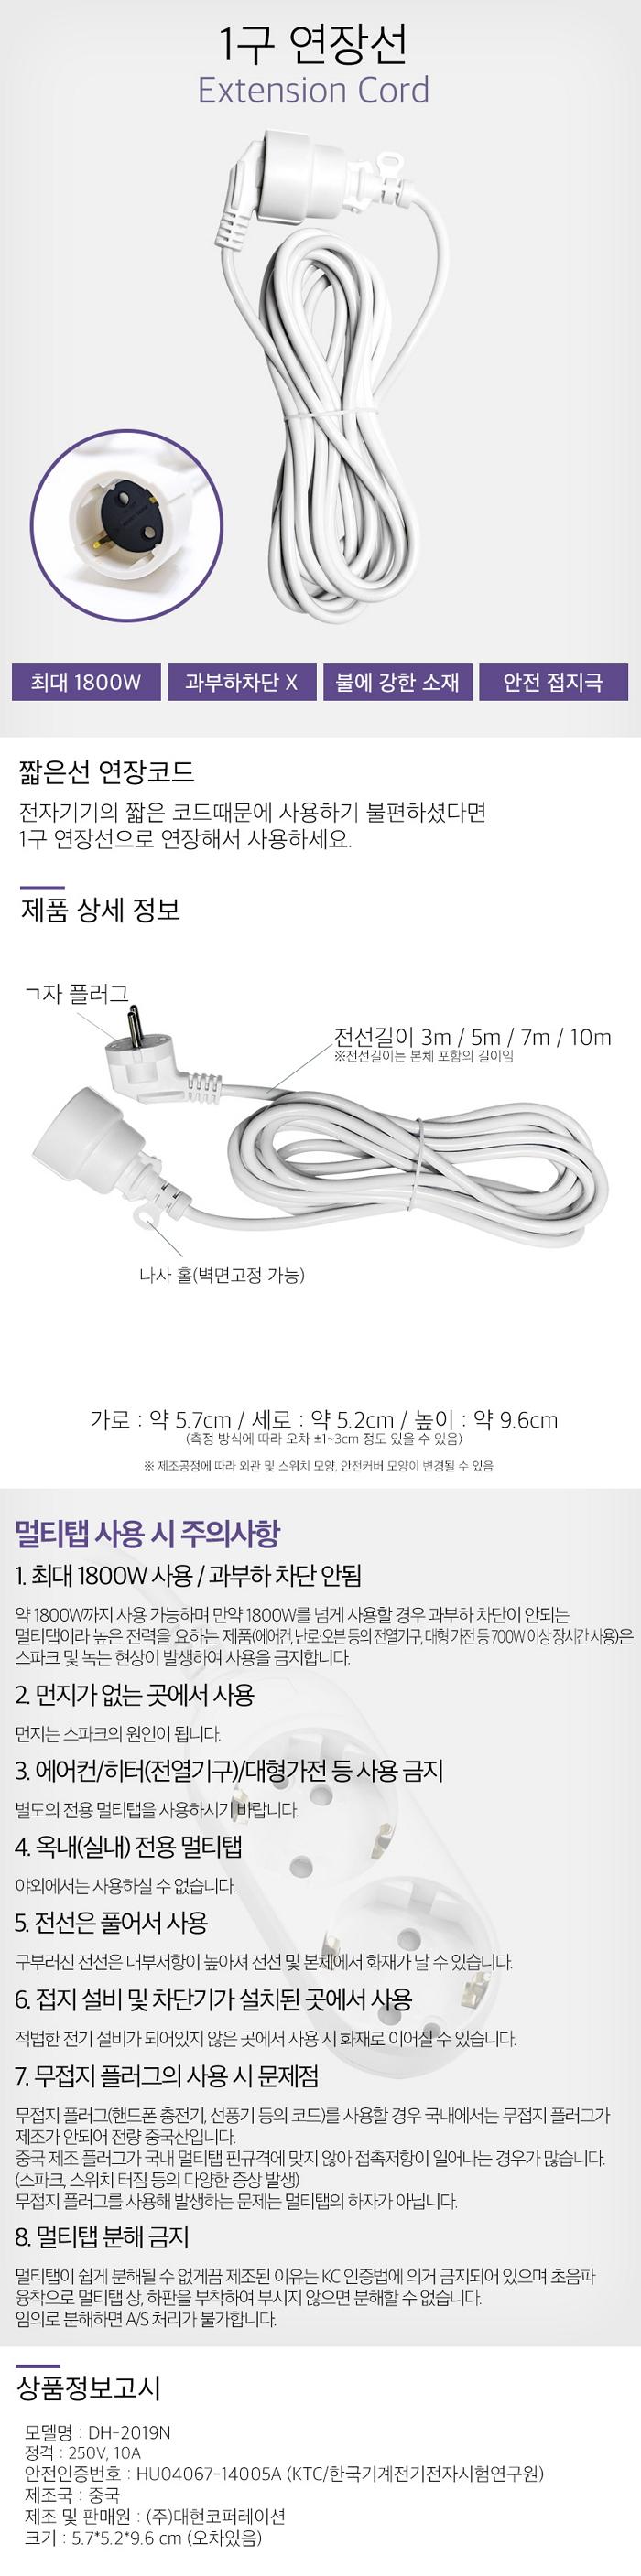 대현코퍼레이션 써지오 1구 멀티탭 연장선 (7m)